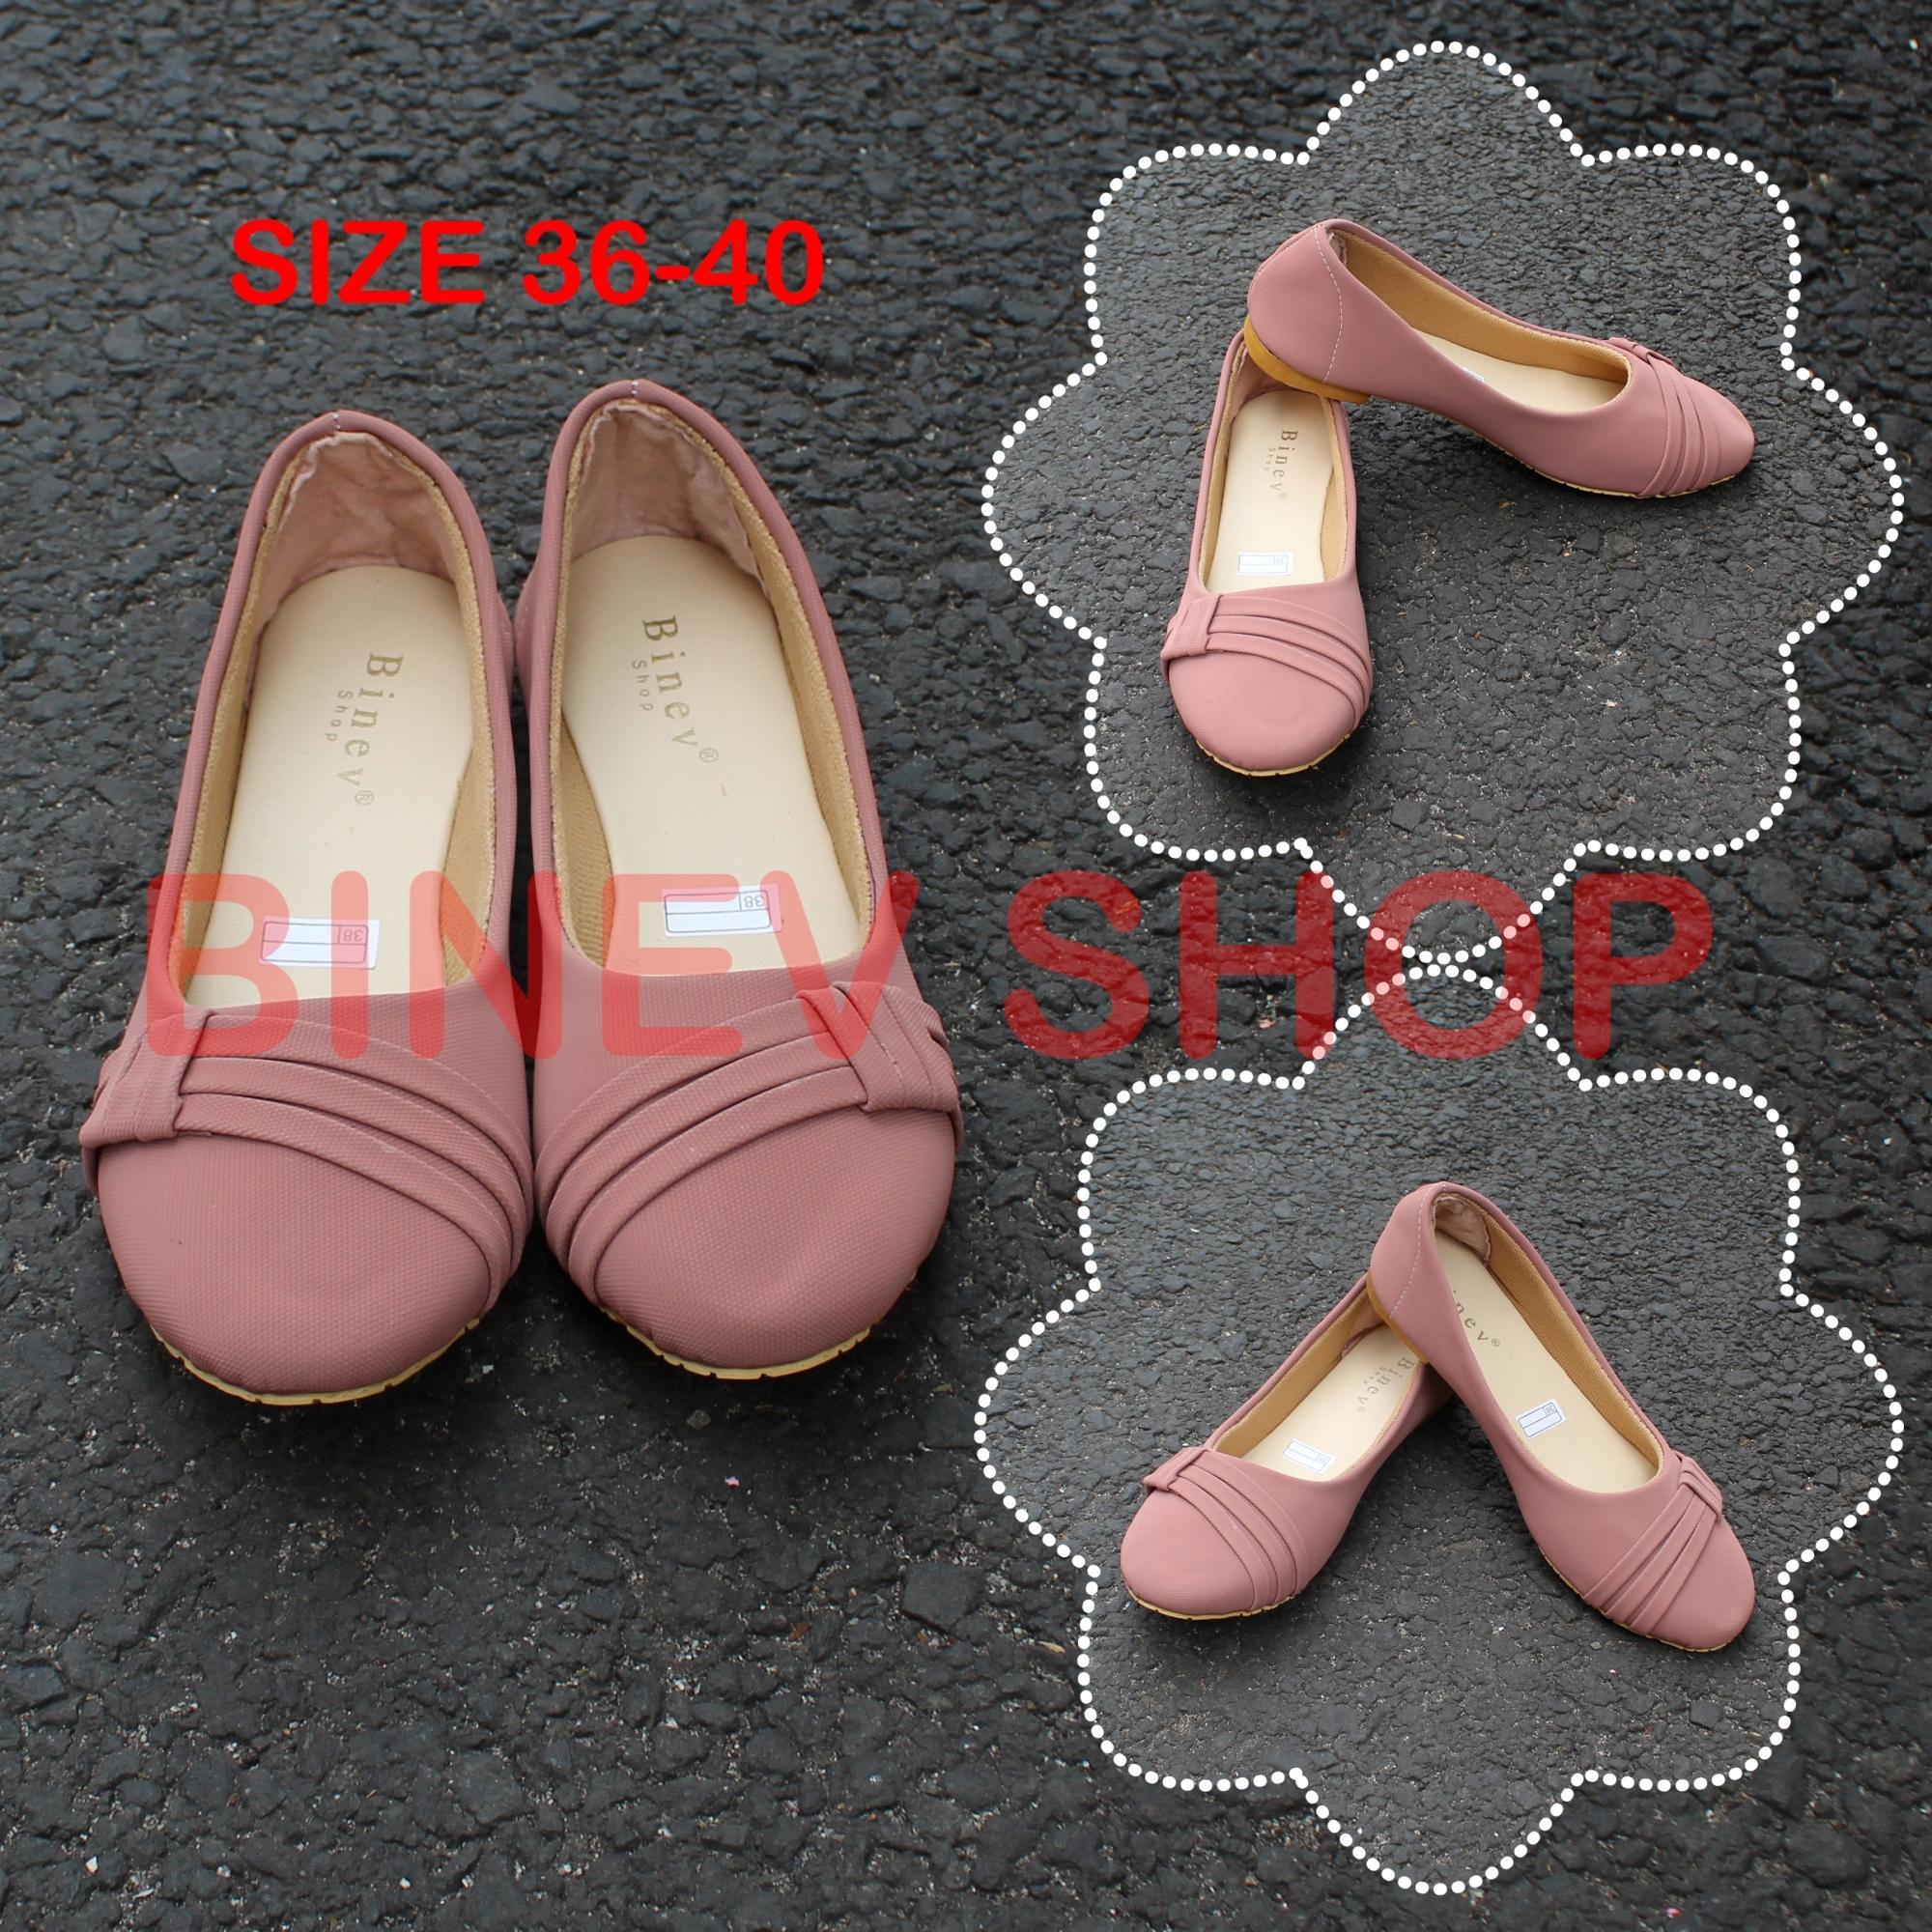 Binev Sepatu Slip On Wanita B-048 PITA SAMPING 02